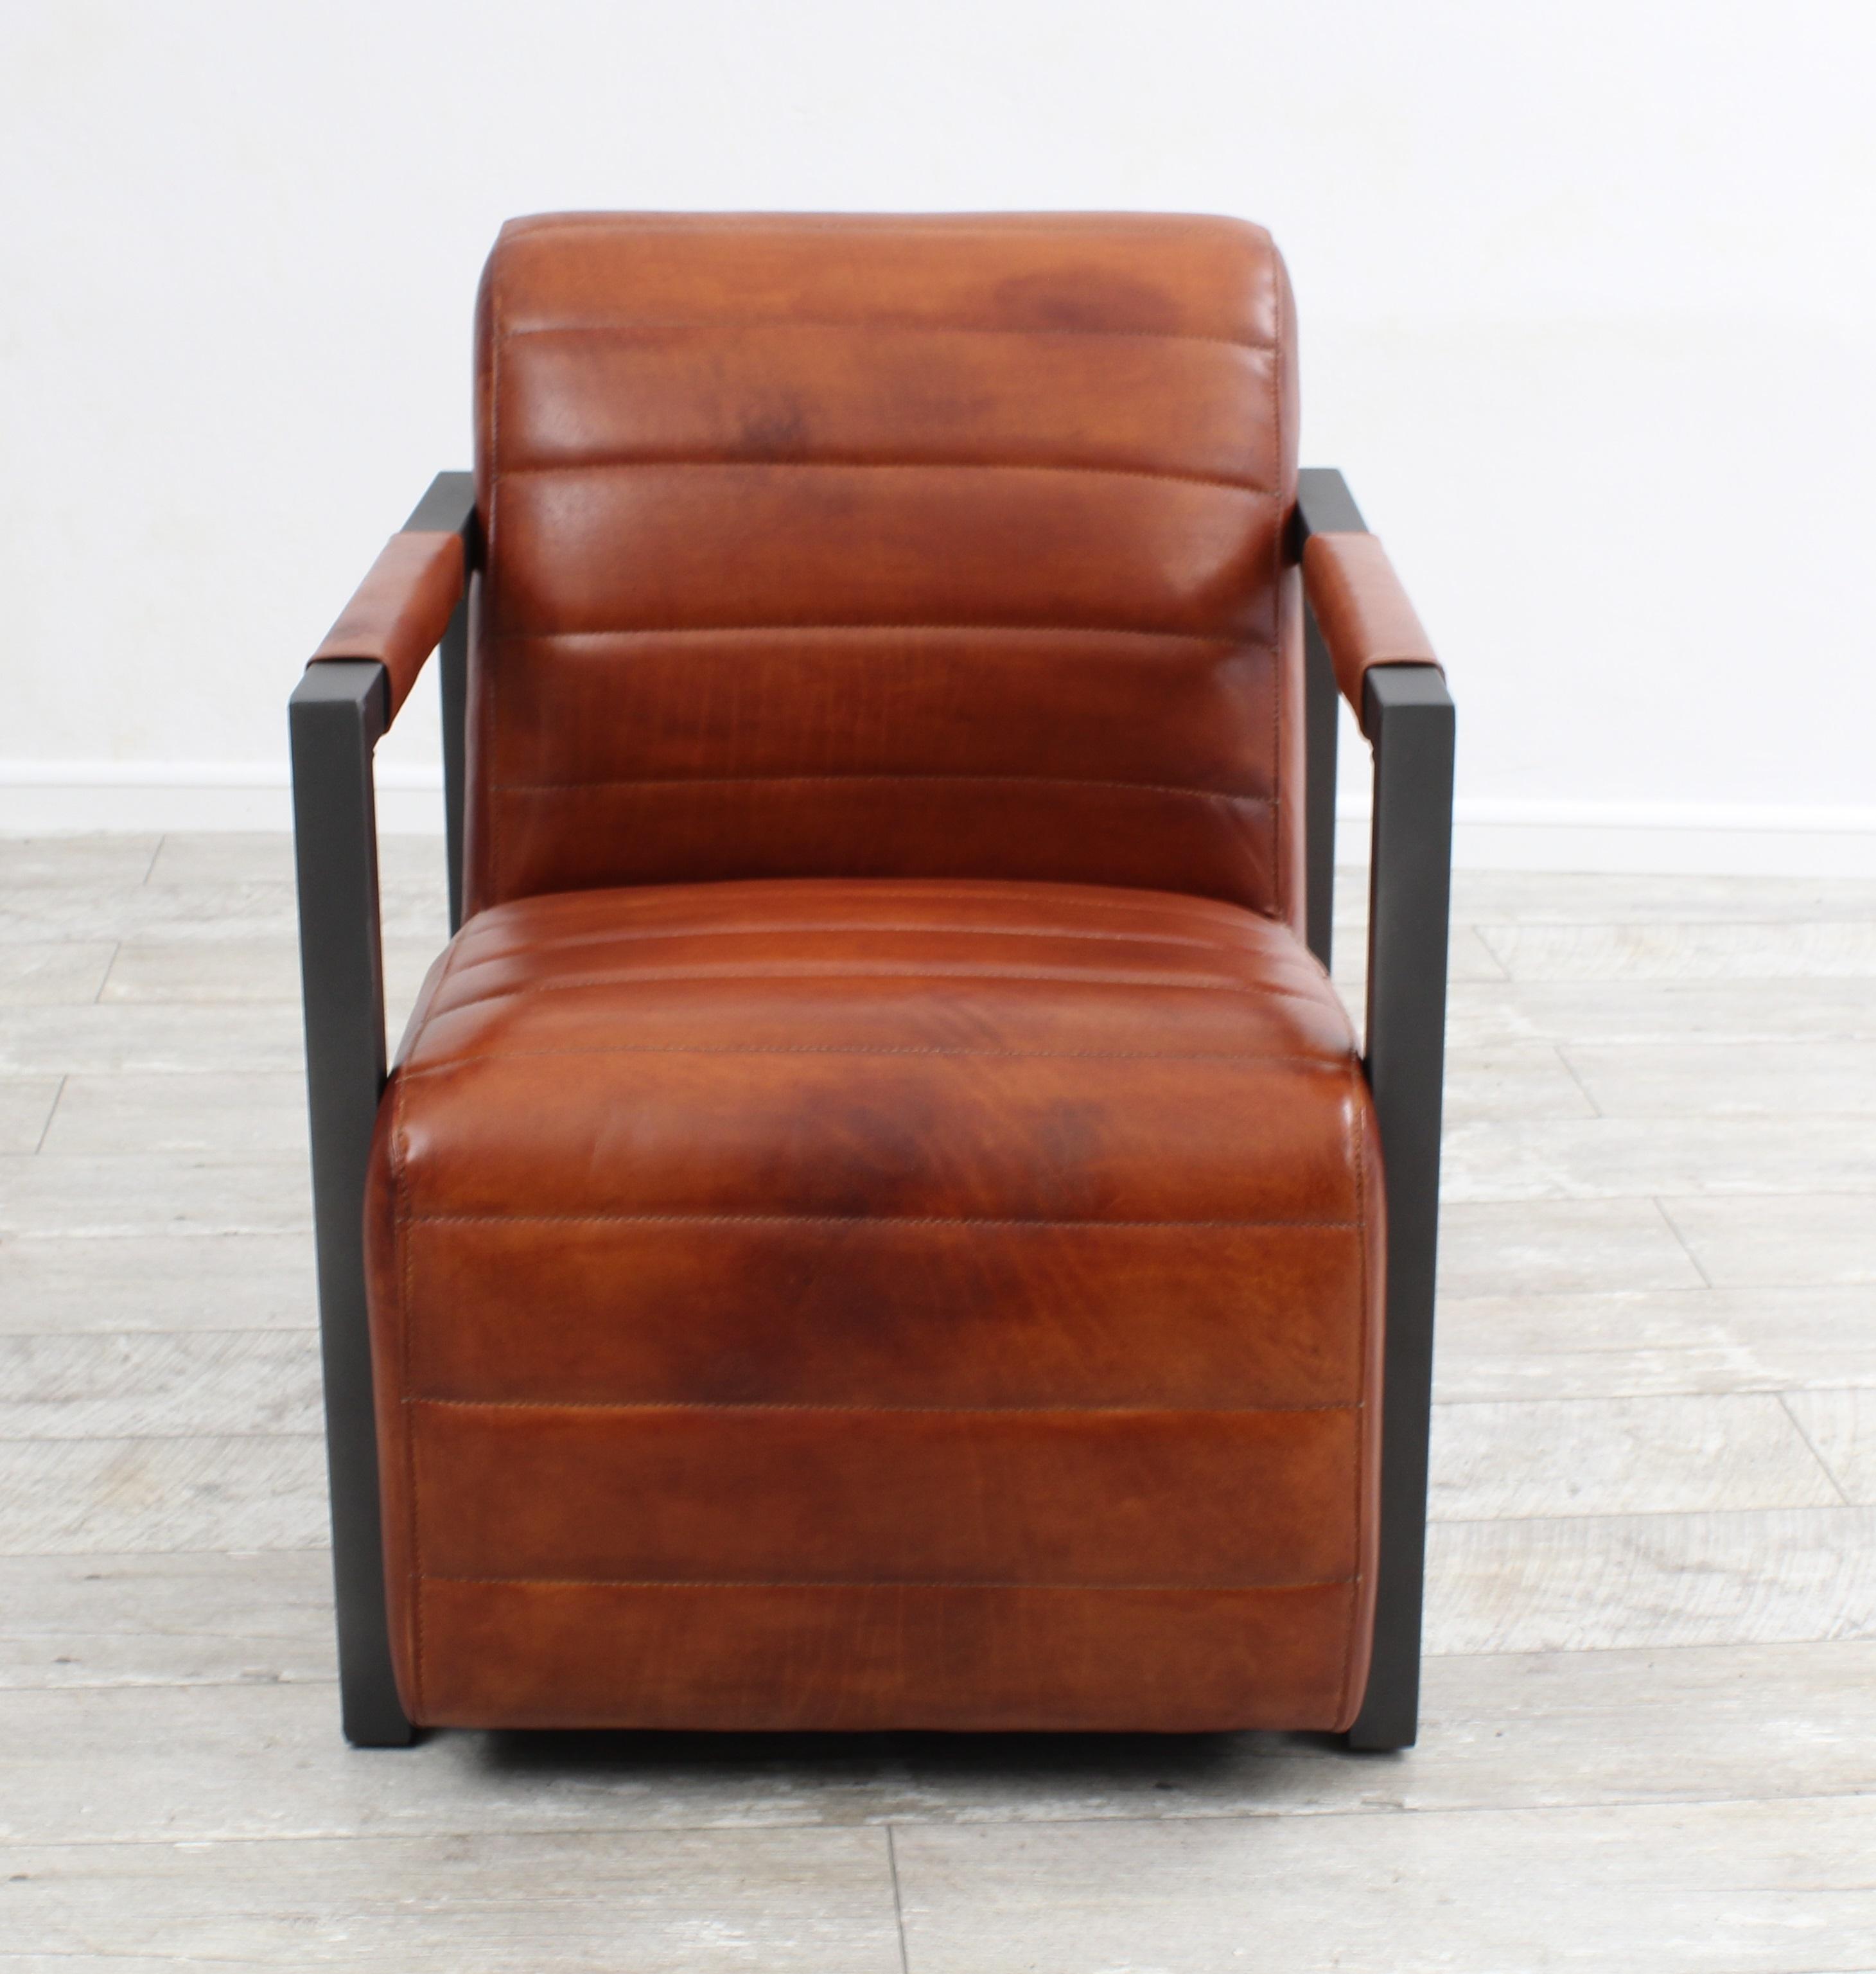 aktiv sessel stuhl designer stuttgart echt b ffel leder vintage farbe cognac. Black Bedroom Furniture Sets. Home Design Ideas